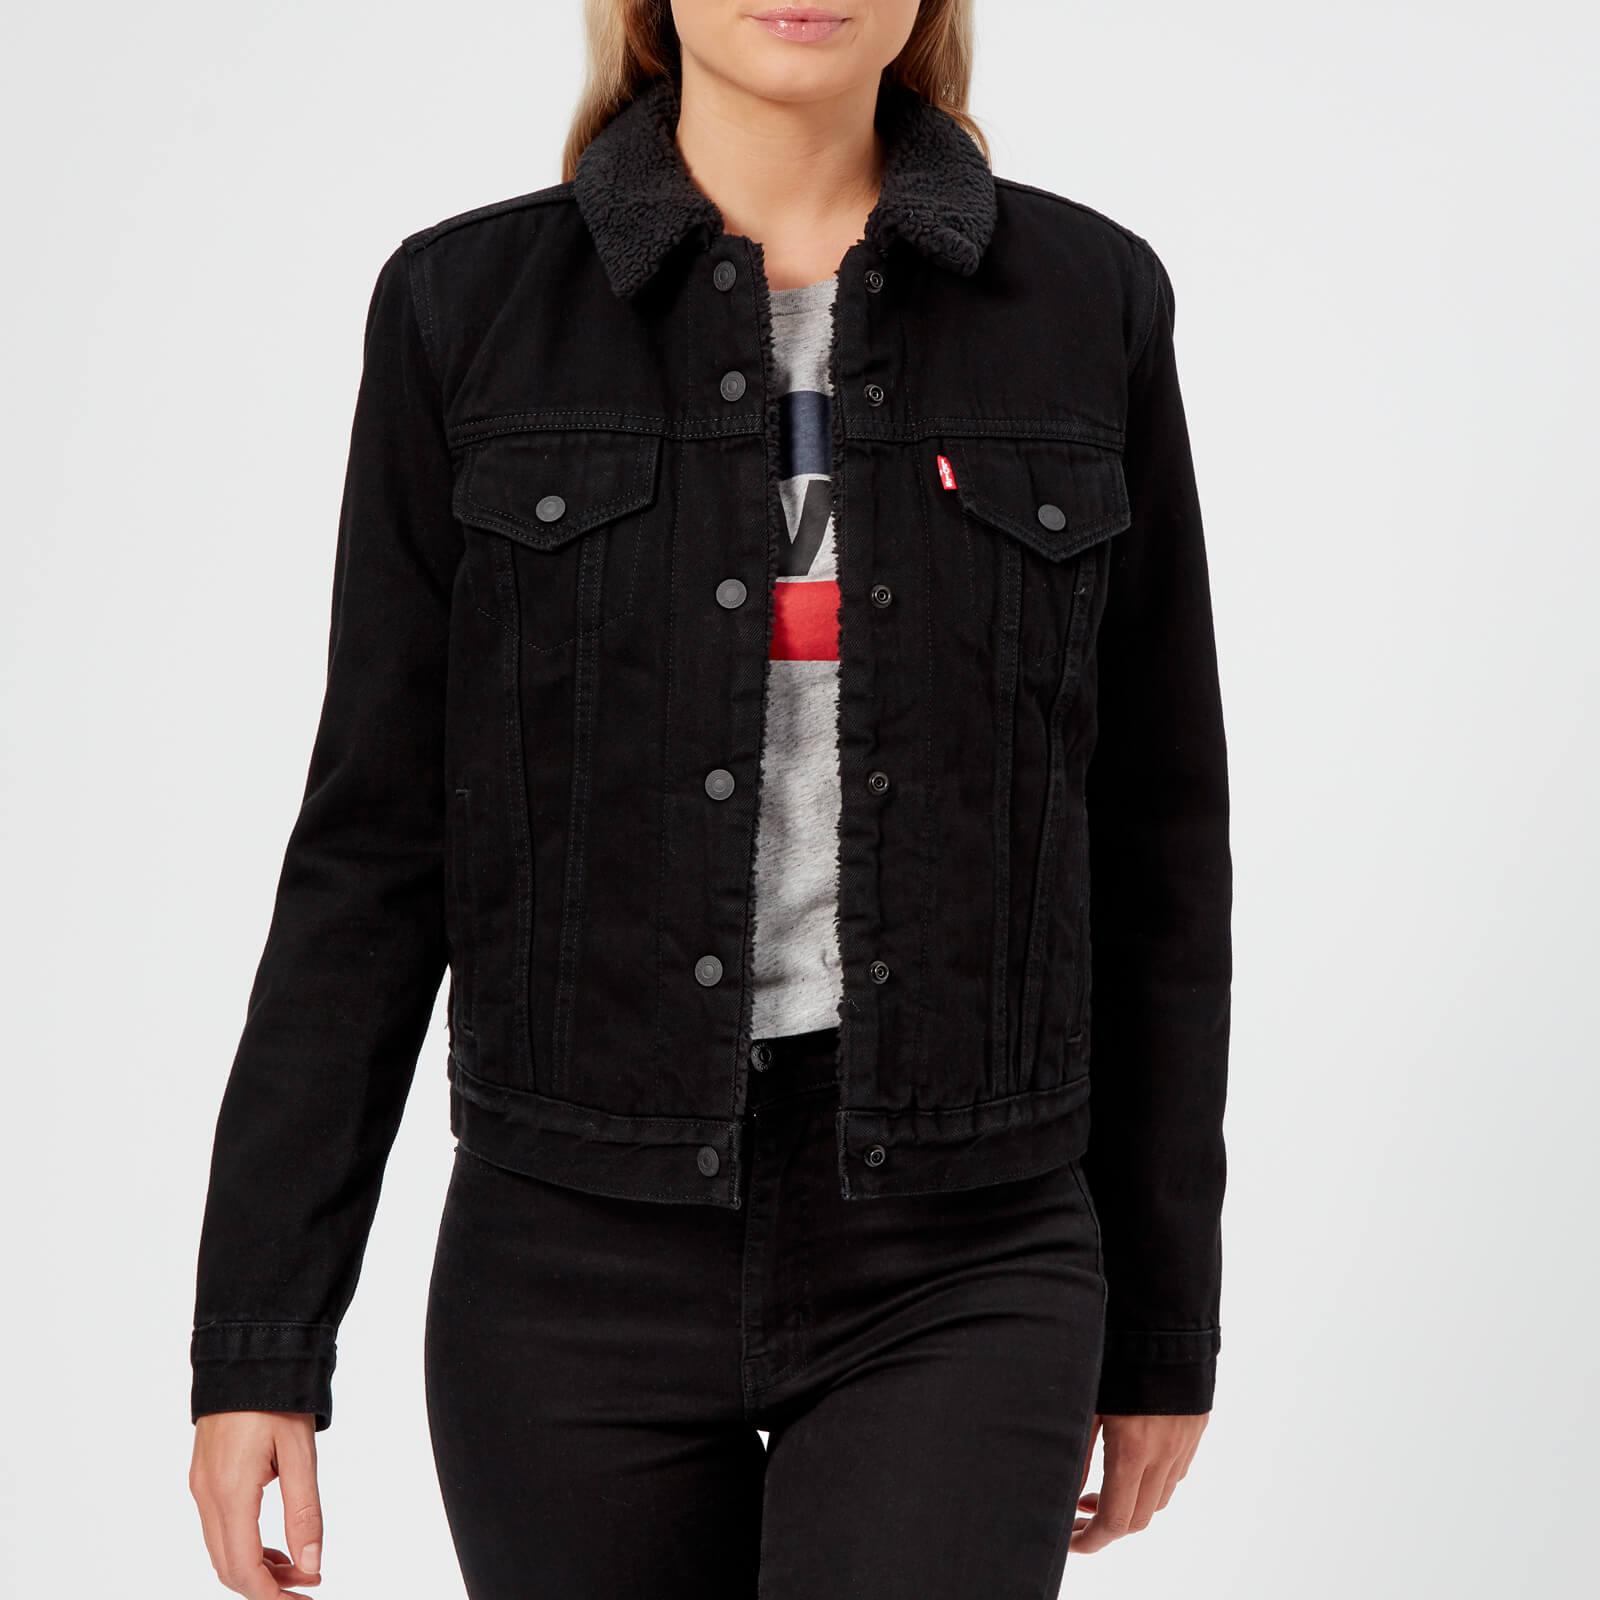 Levi's Women's Original Sherpa Trucker Jacket Black